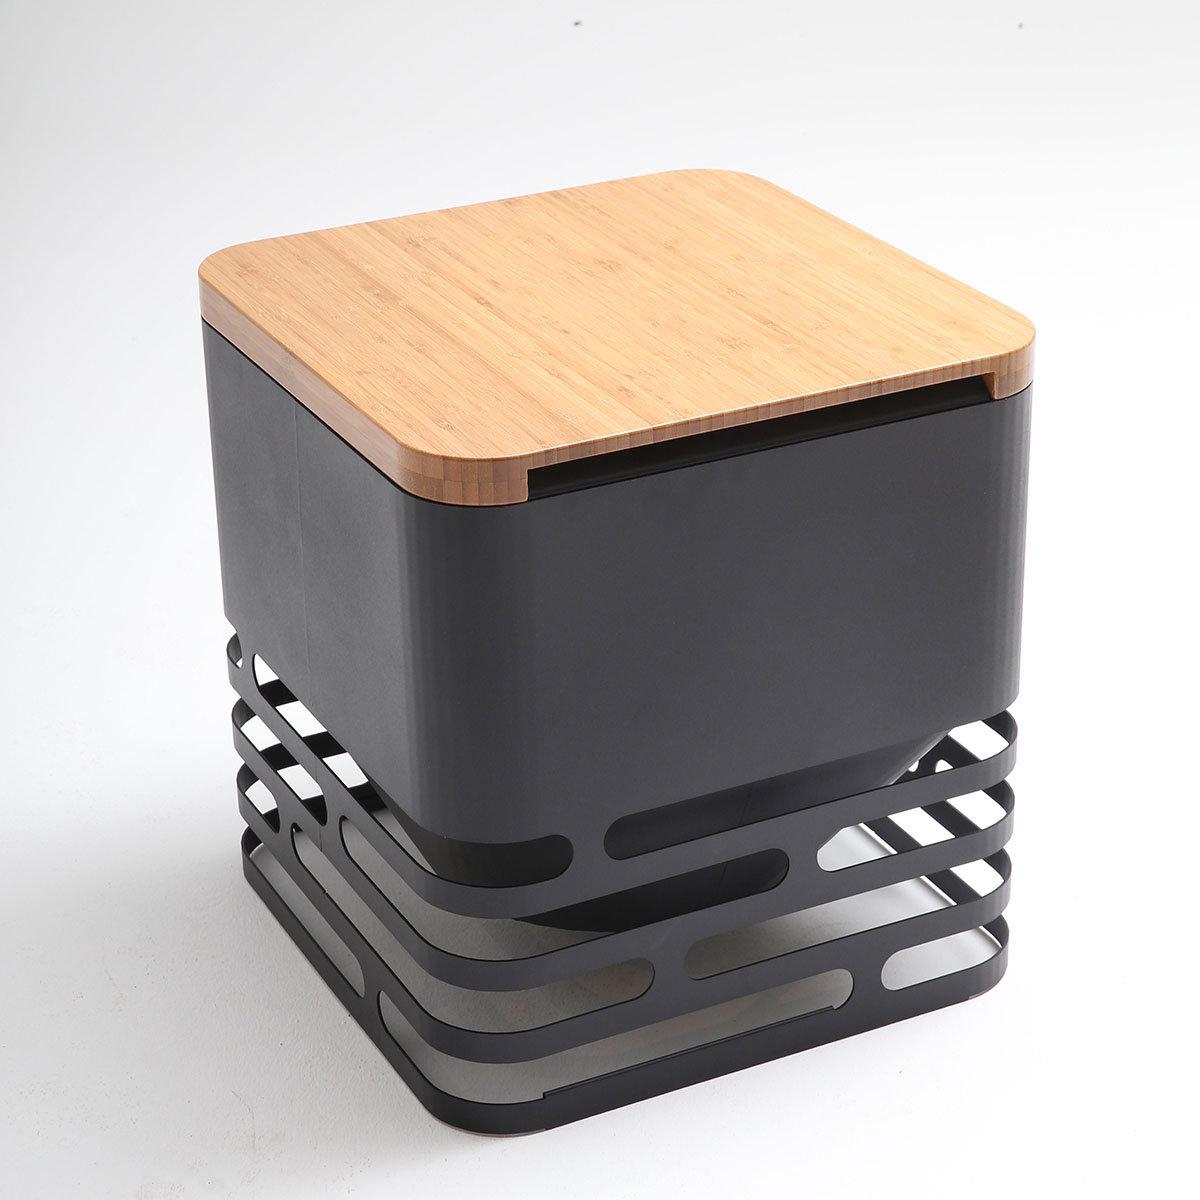 Feuerkorb Cube mit Auflagebrett | #3